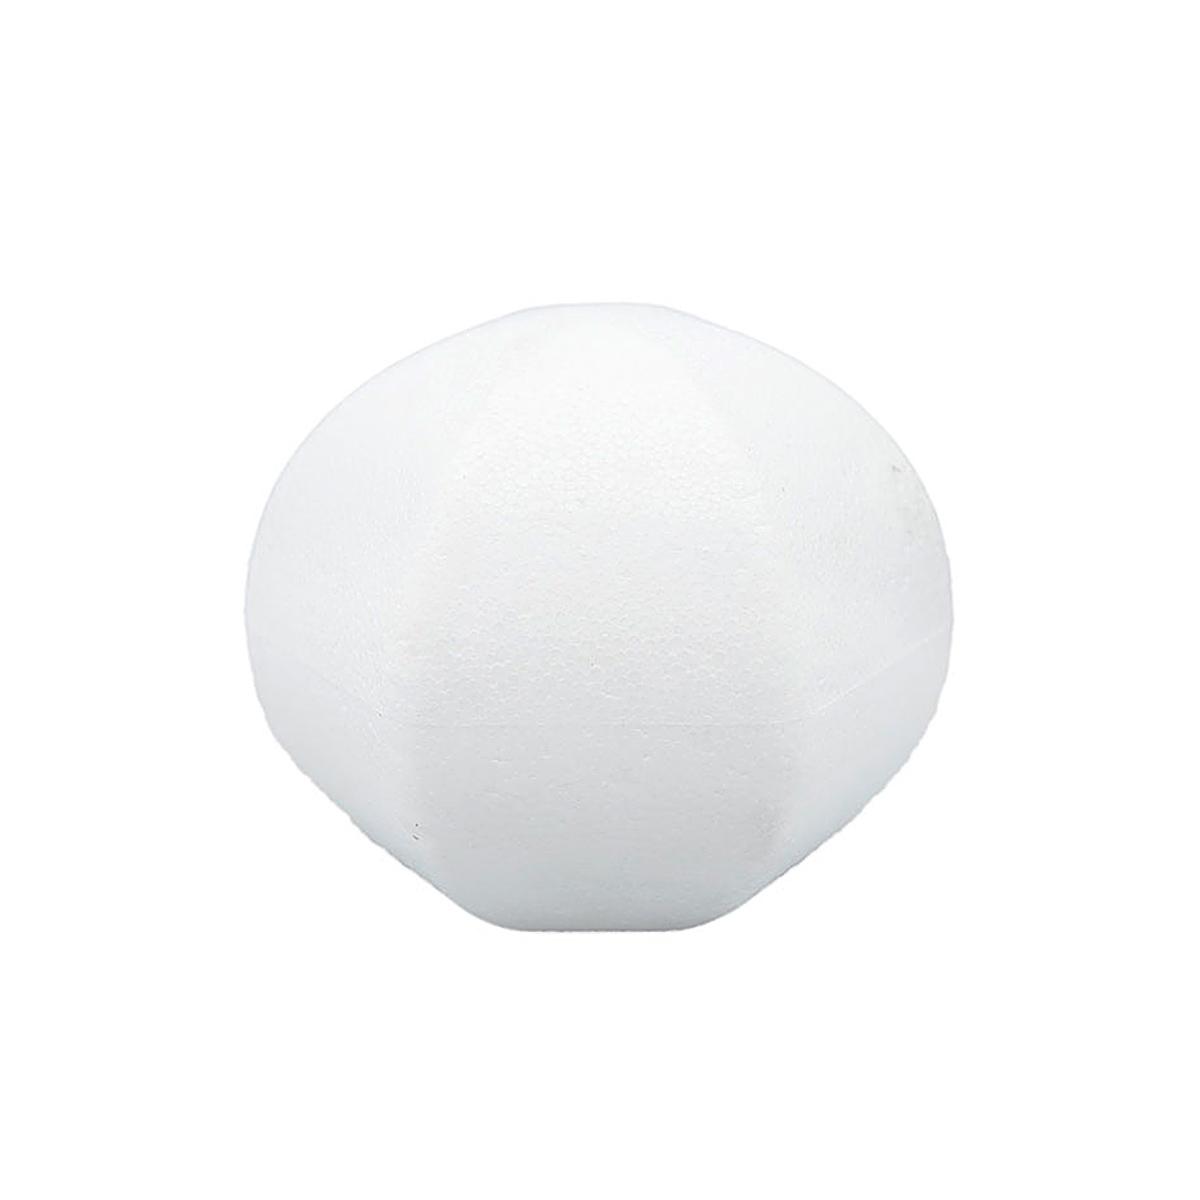 Заготовка для декорирования из пенопласта 'Многоугольный шар', 5*5см